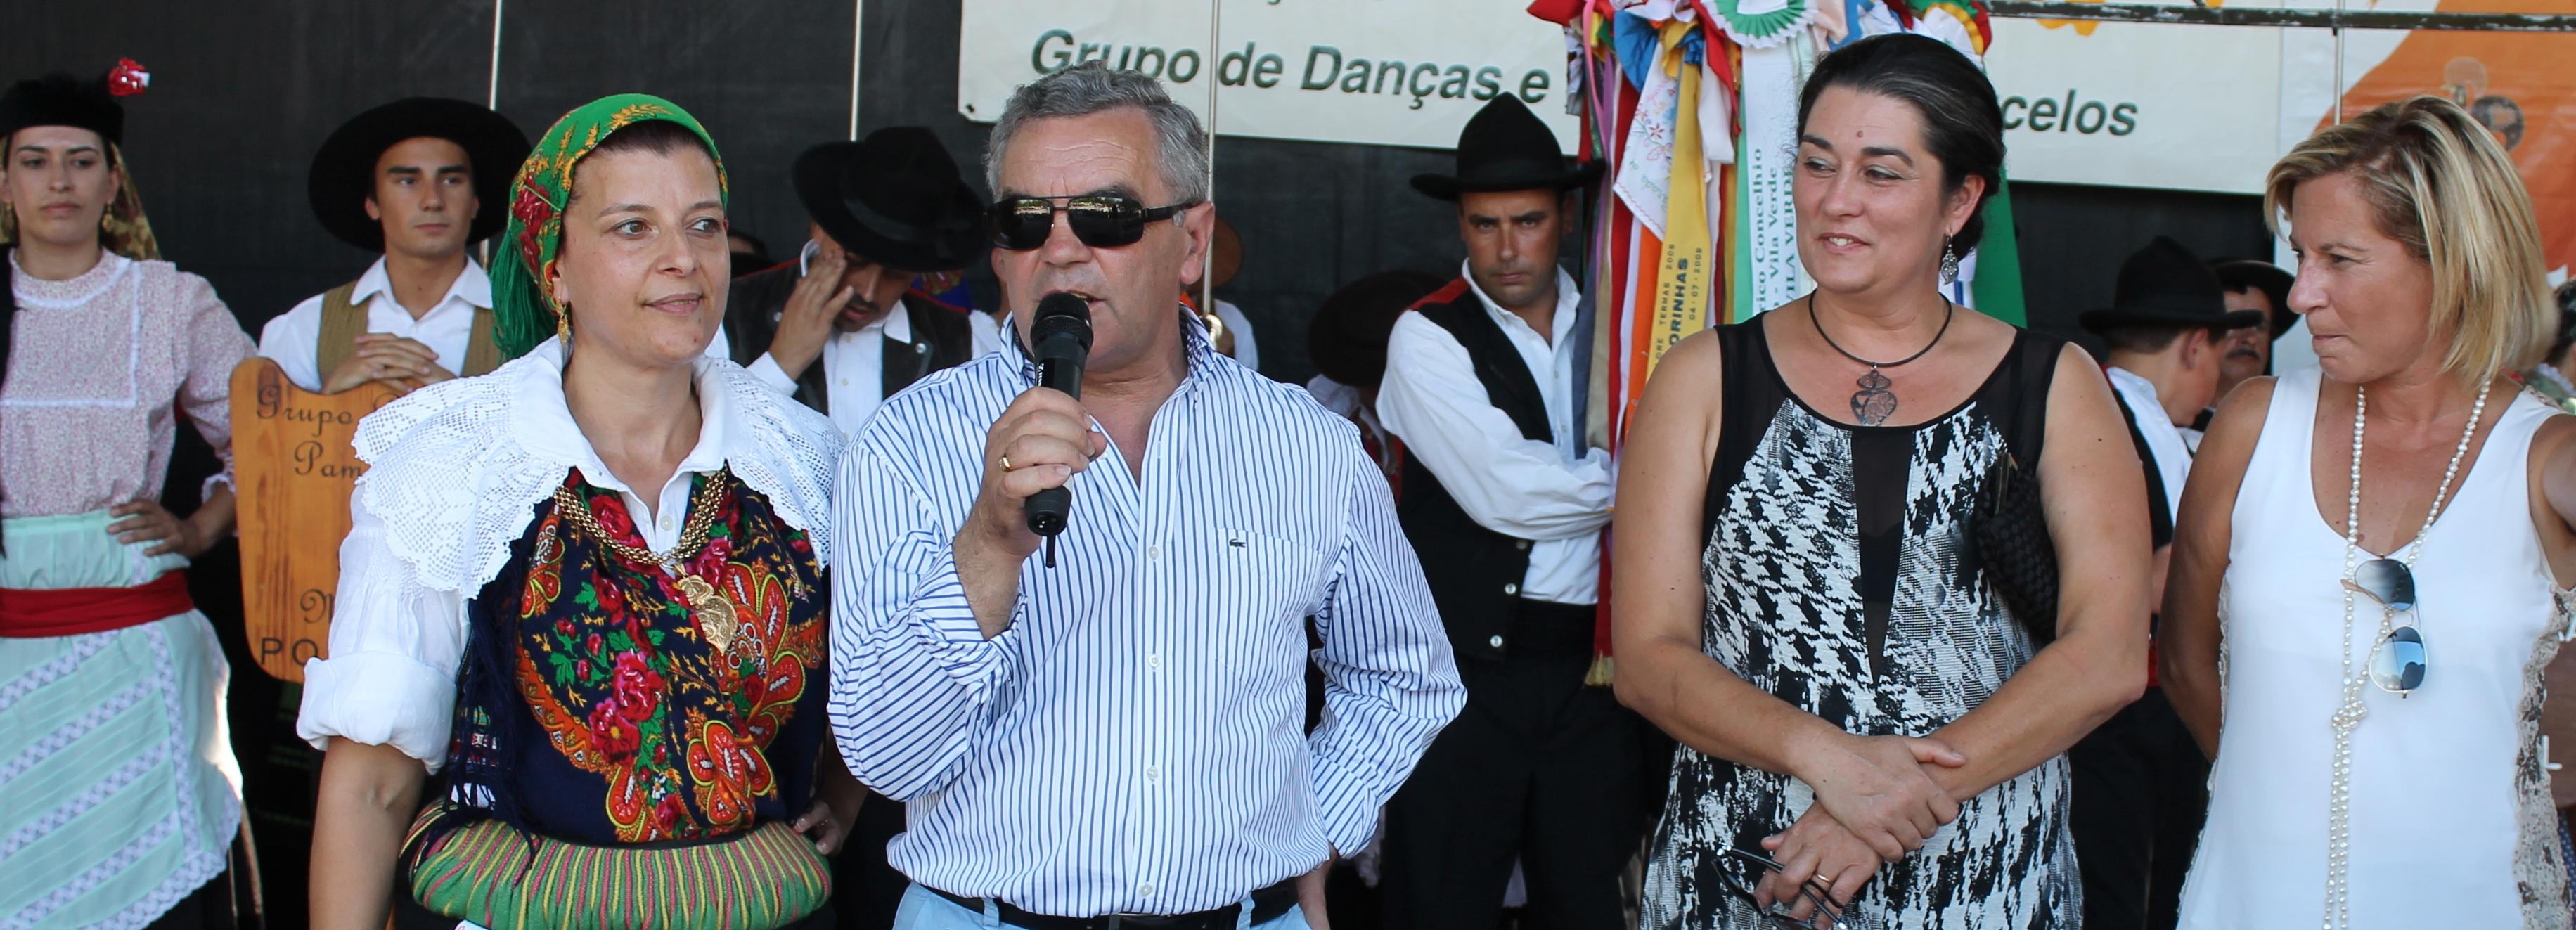 Grupo de Danças e Cantares de Barcelos na Federação Portuguesa de Folclore